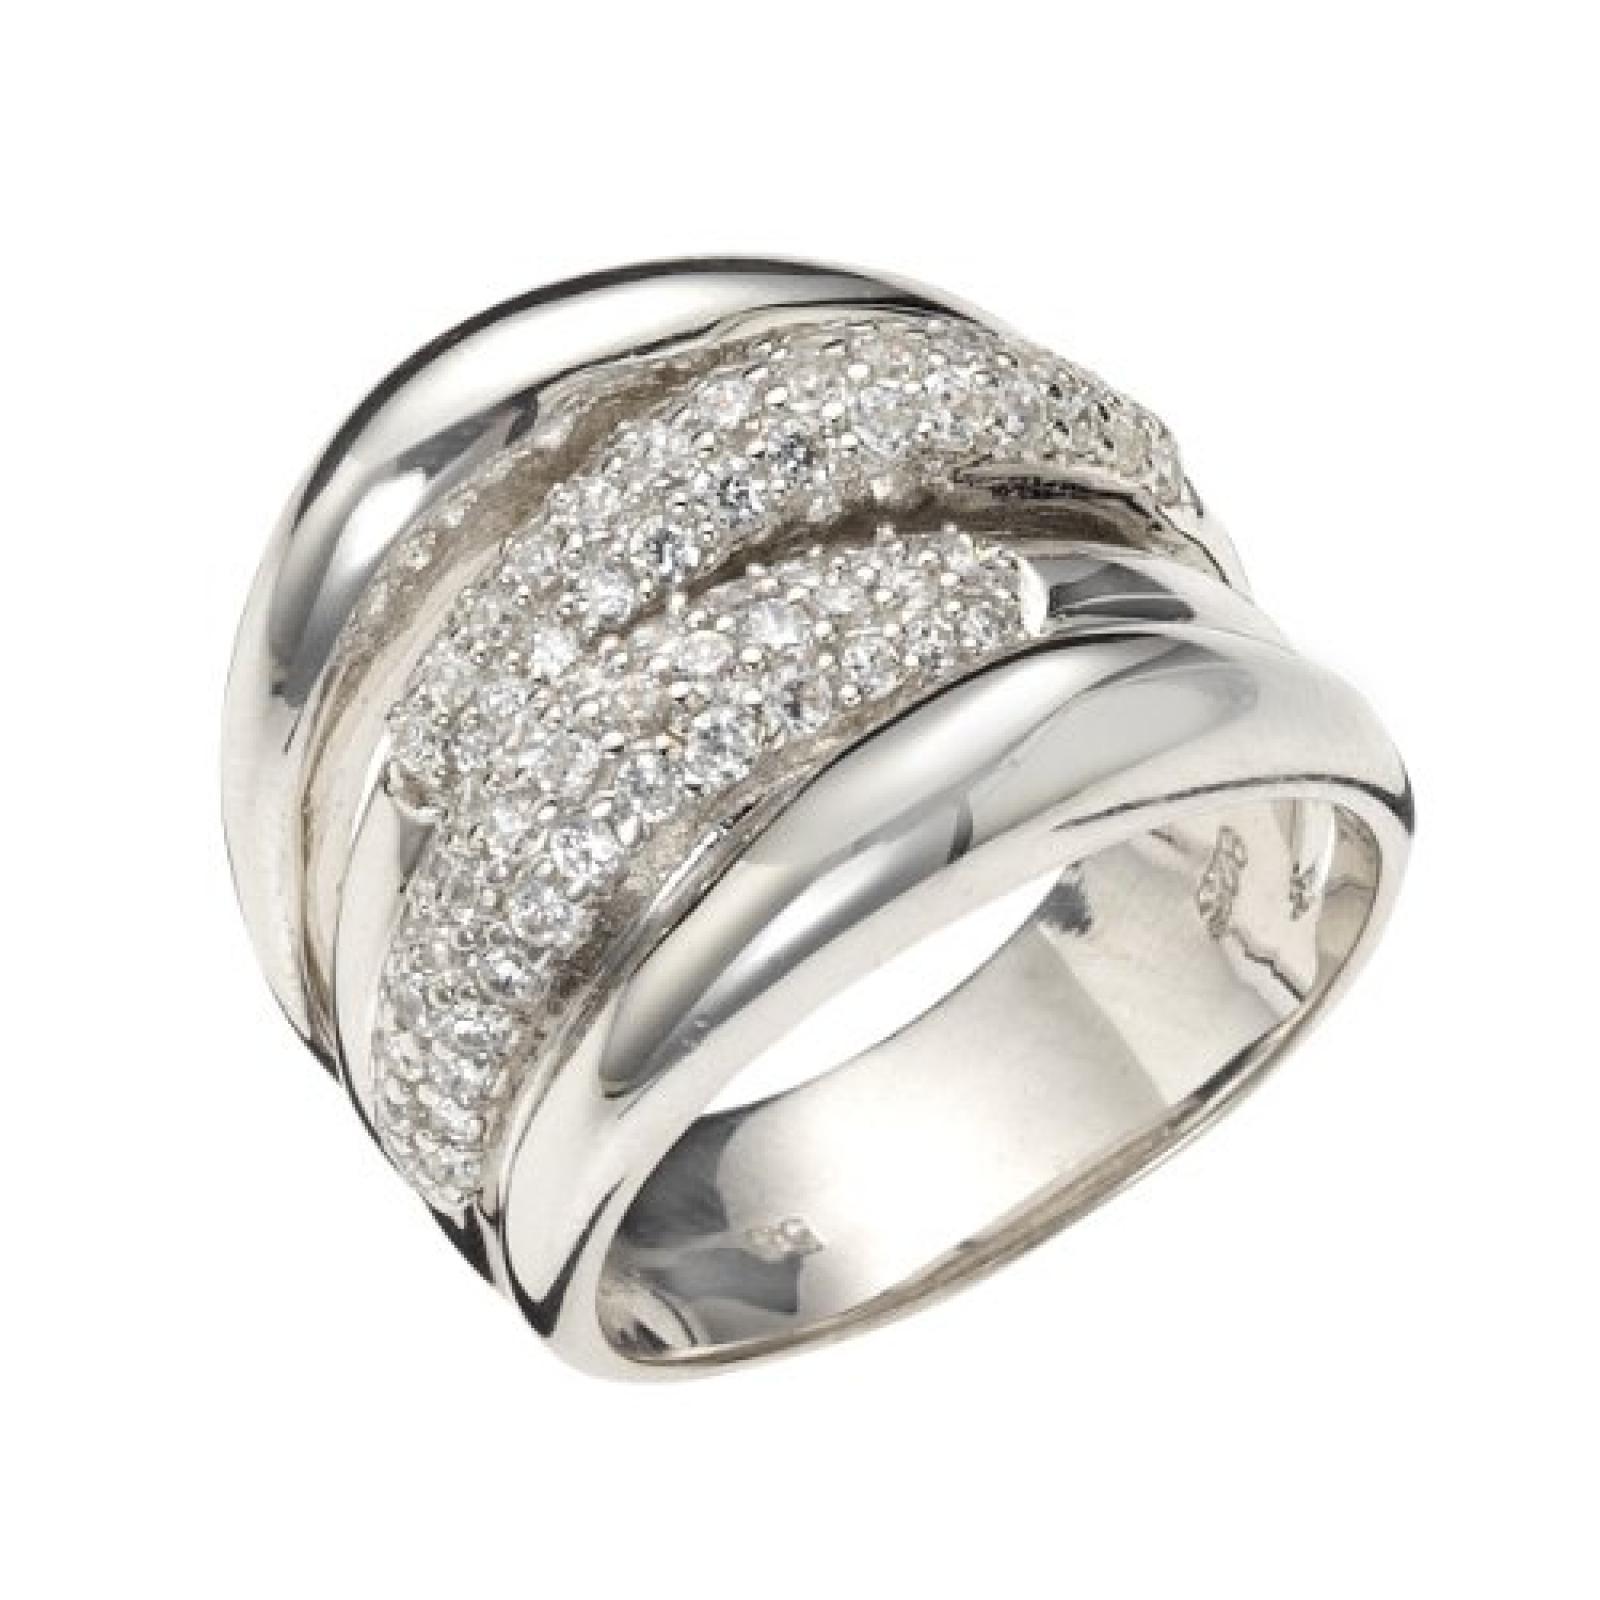 Celesta - Damenring aus 925er Sterling Silber mit 81 weißen Zirkonias W.:60 368270007L-060